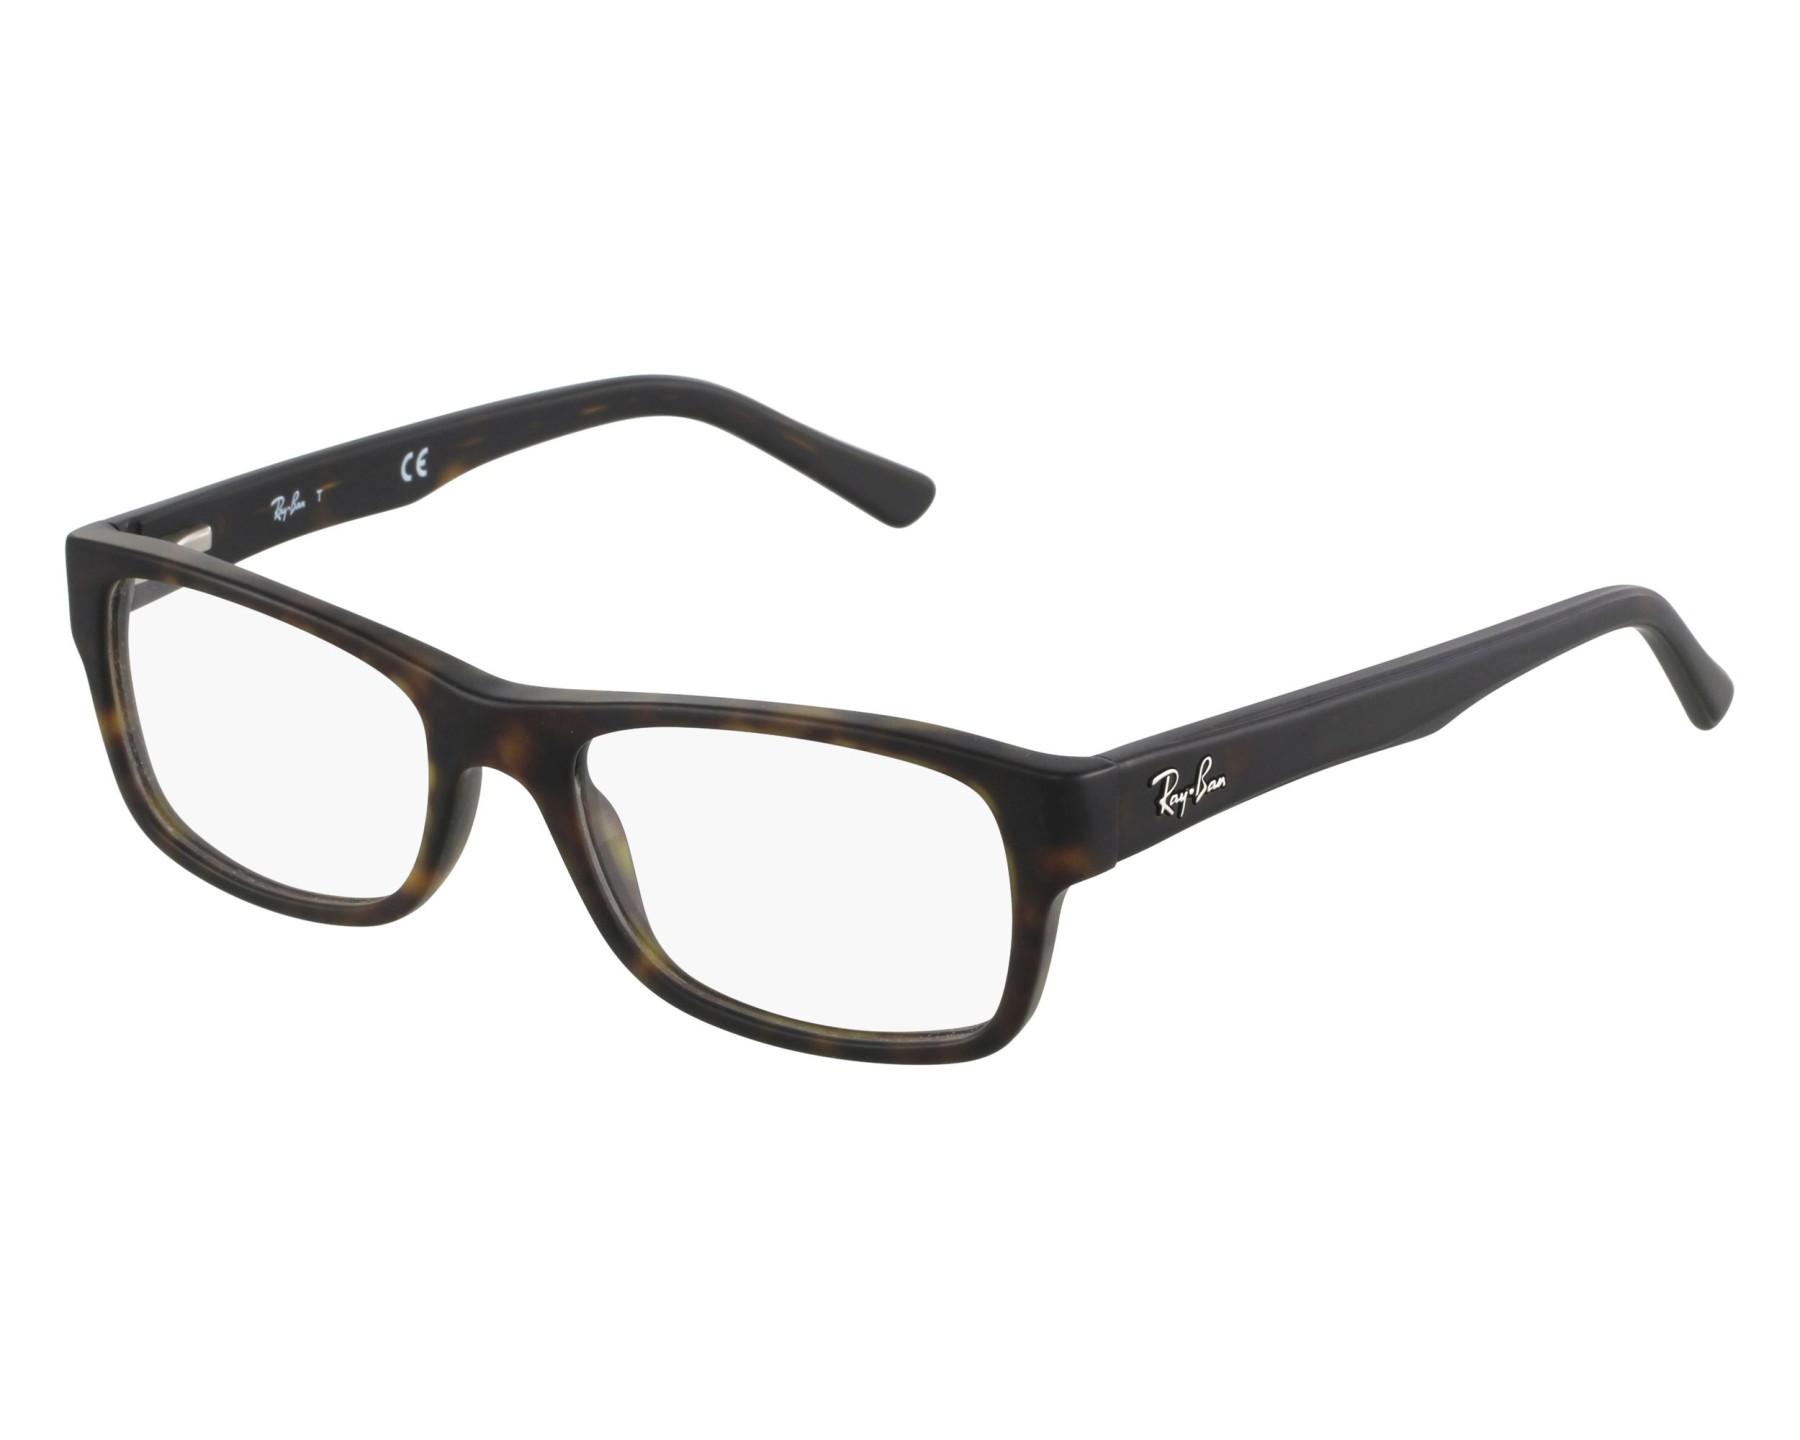 c47fa649106 Ray Ban Prescription Glasses 5268